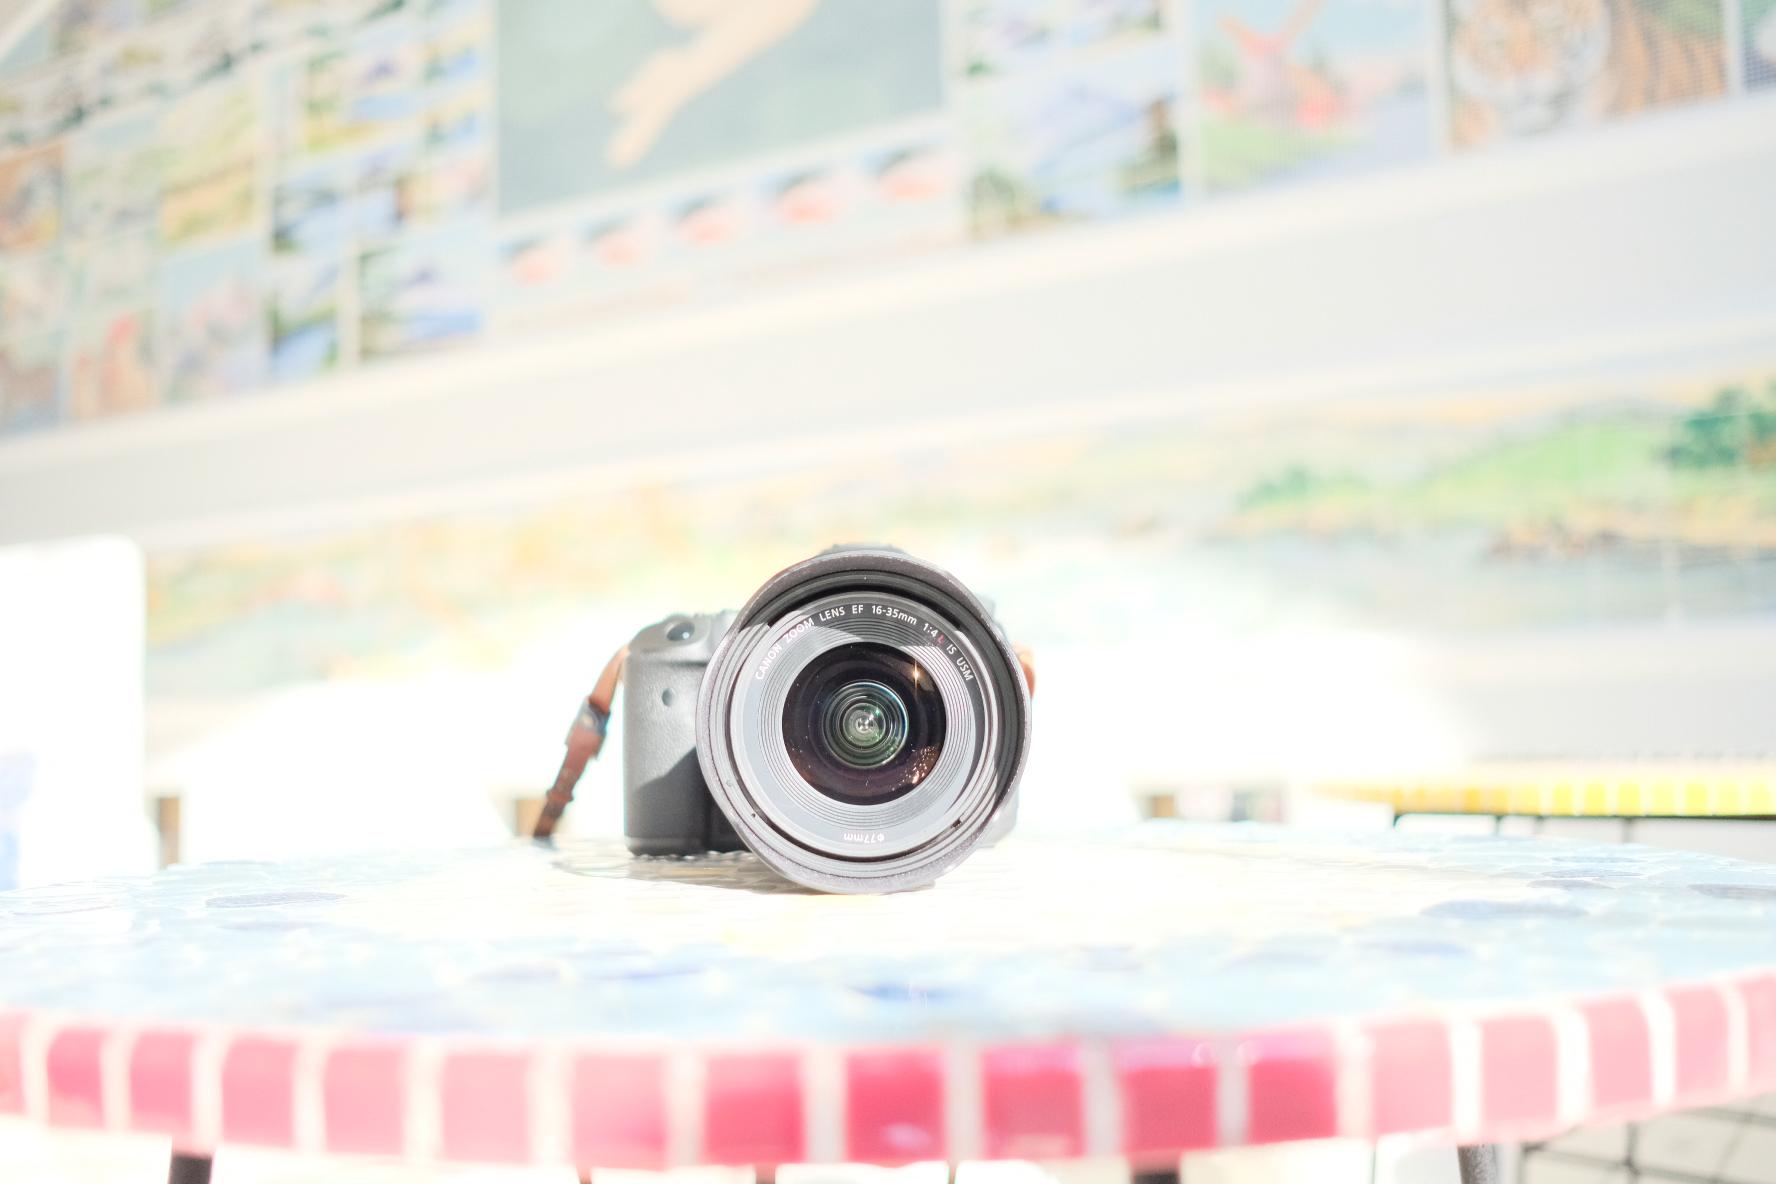 わかりにくいフジフィルムのカメラの違いとおすすめの機種を簡単にまとめてみた